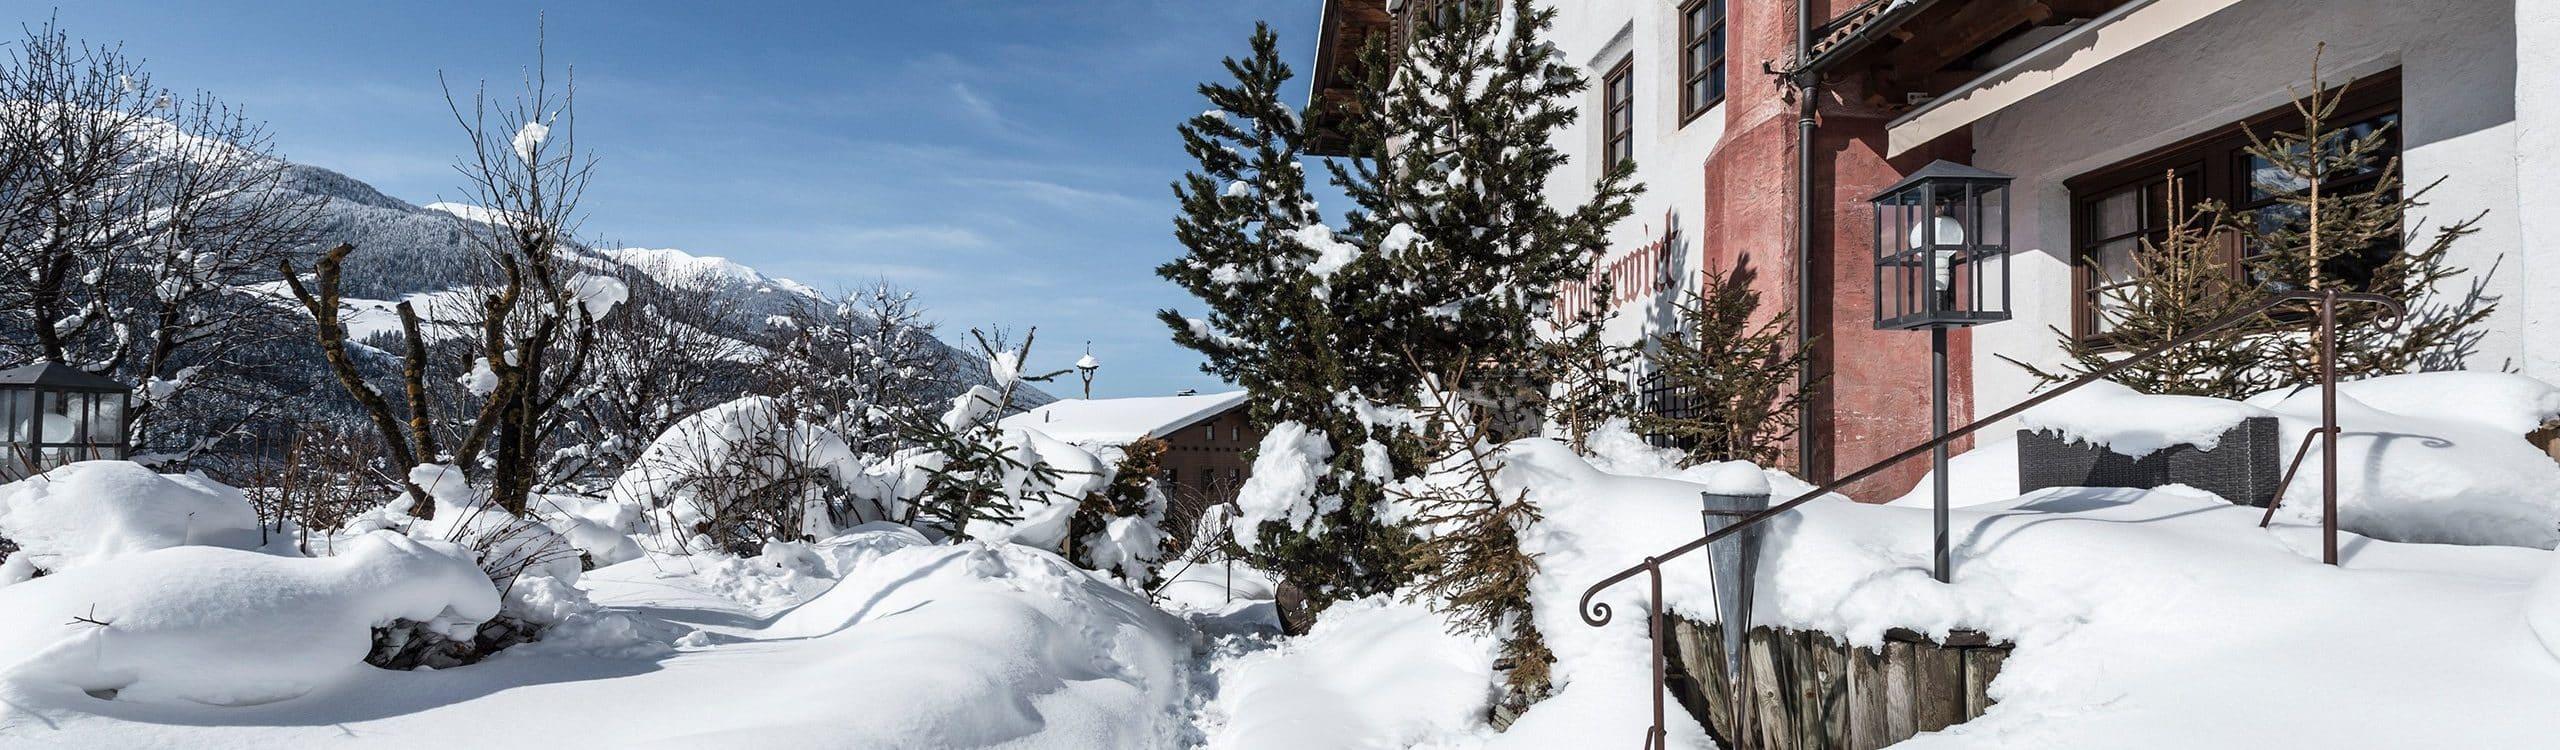 hotel-strasserwirt-herrenansitz-zu-tirol-vier-sterne-hotel-1